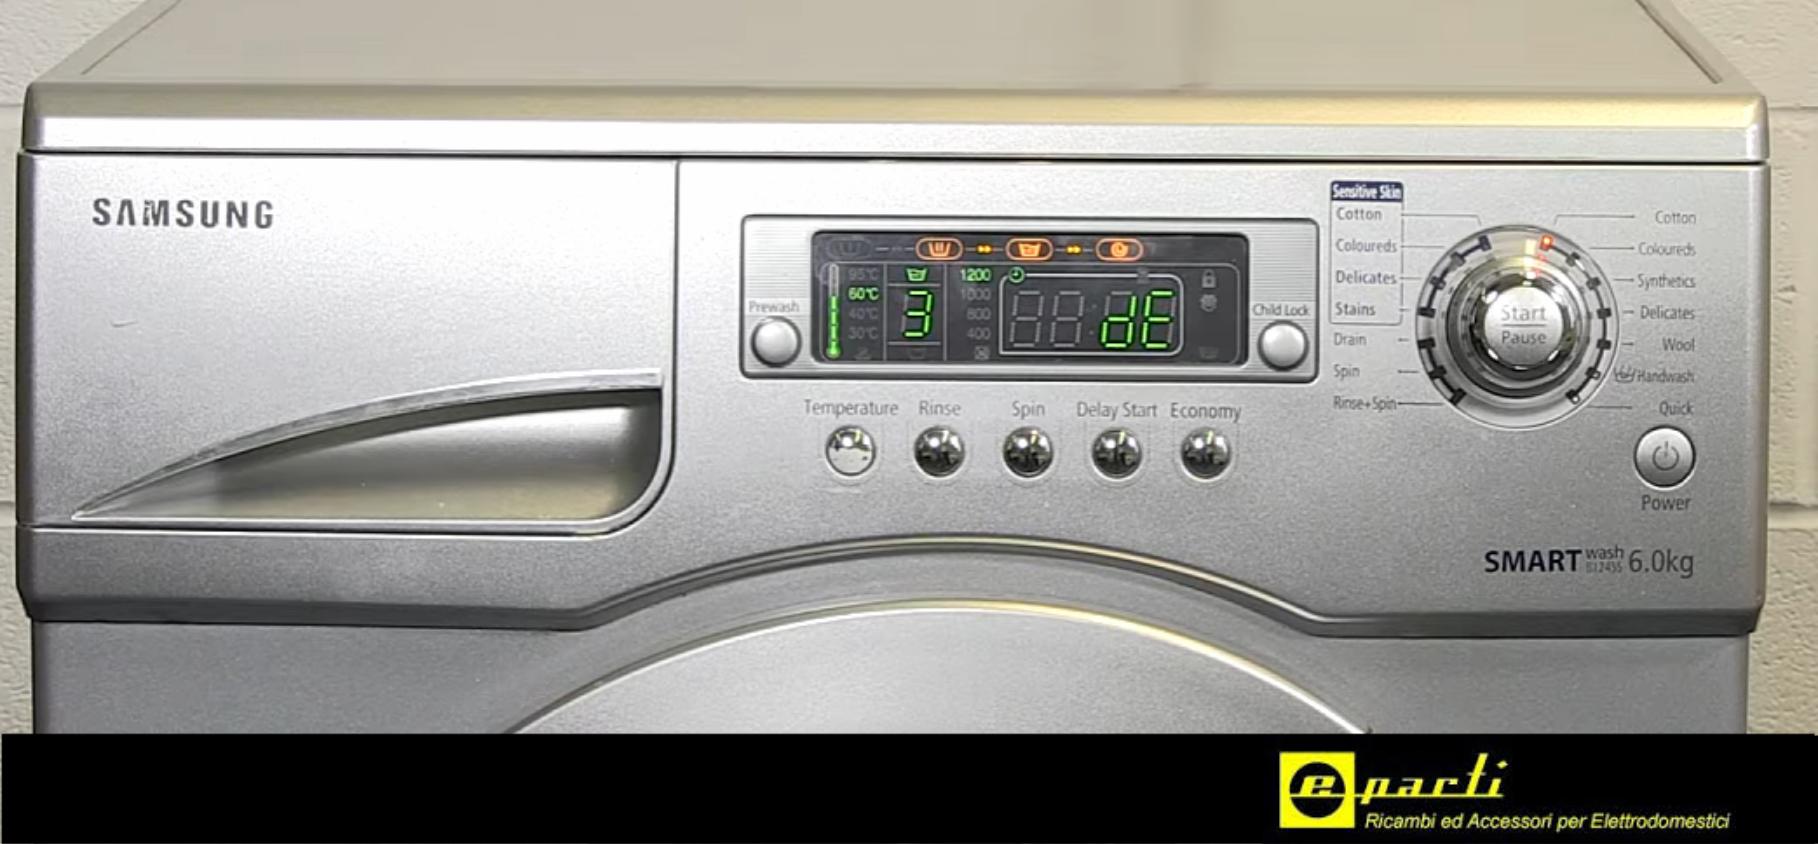 Centro Consigli Codici Di Errore Delle Lavatrici Samsung